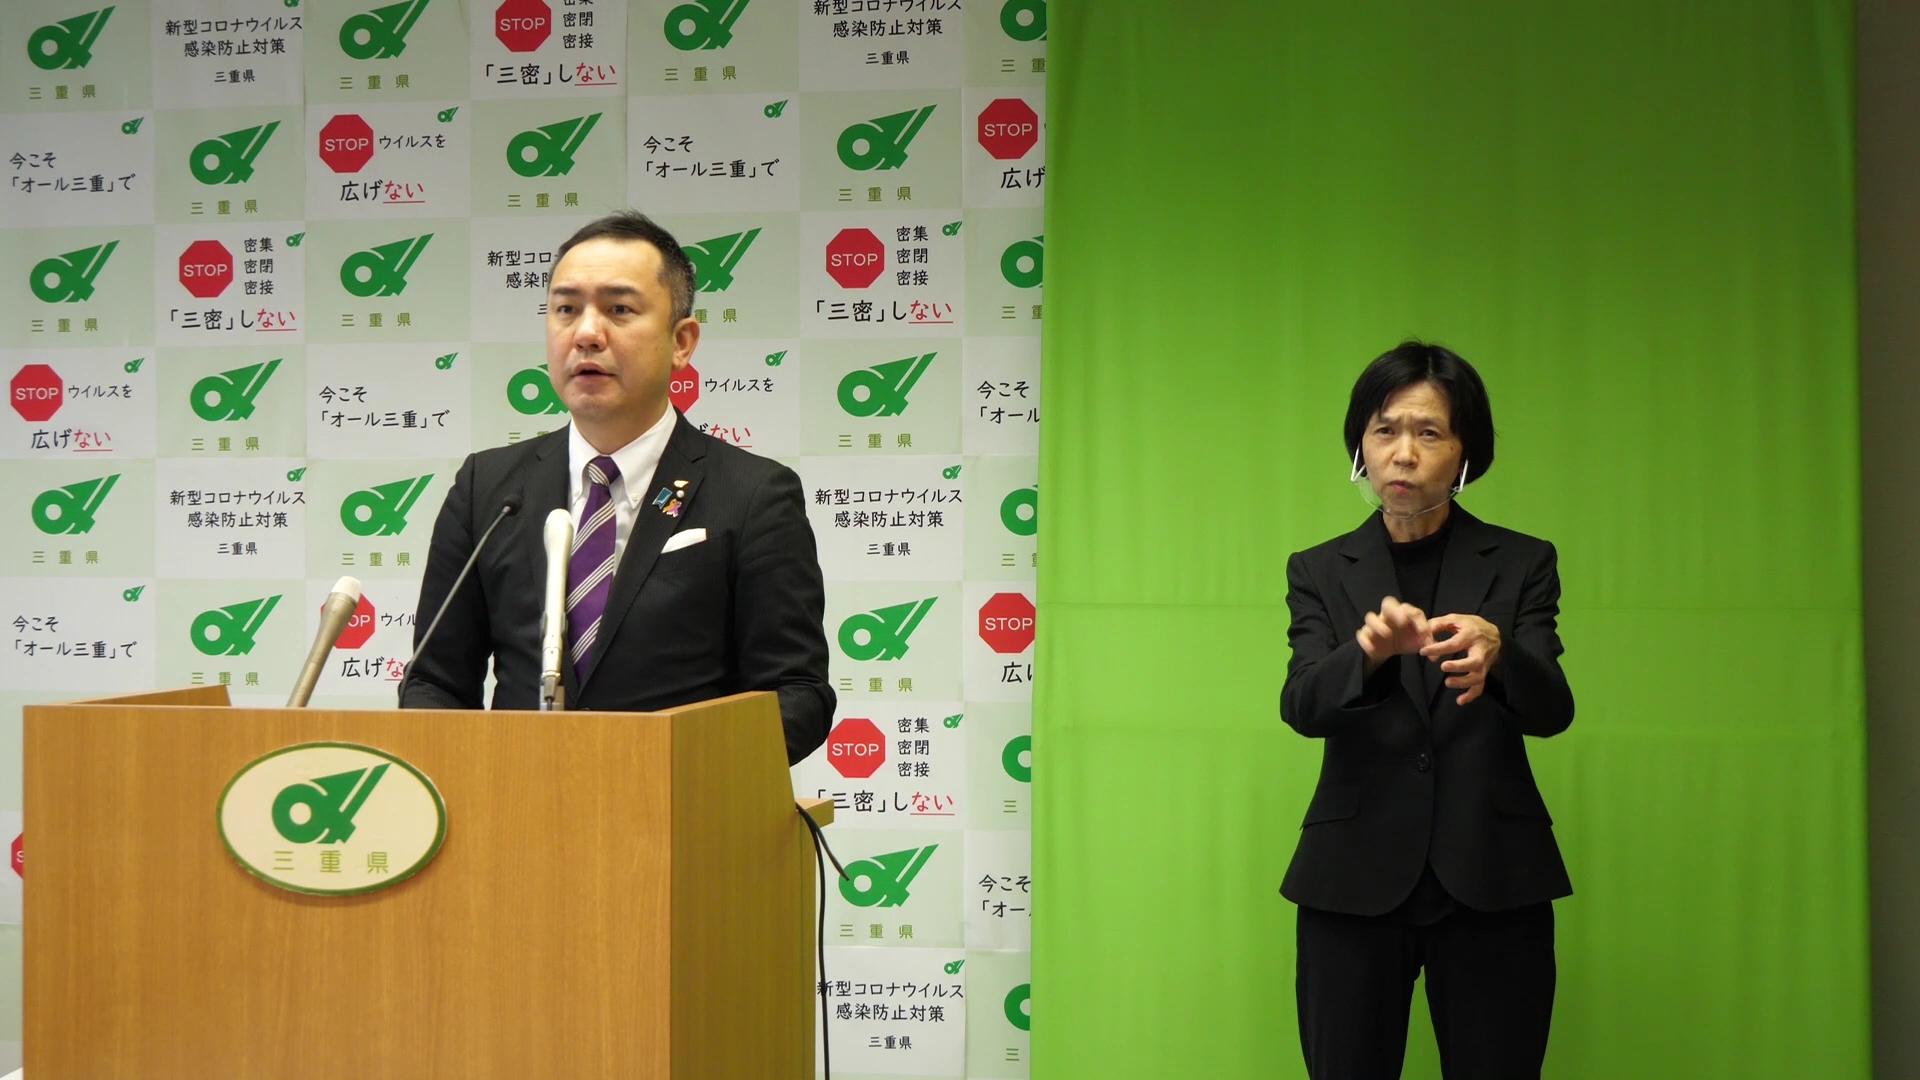 延長 警戒 三重 宣言 緊急 県